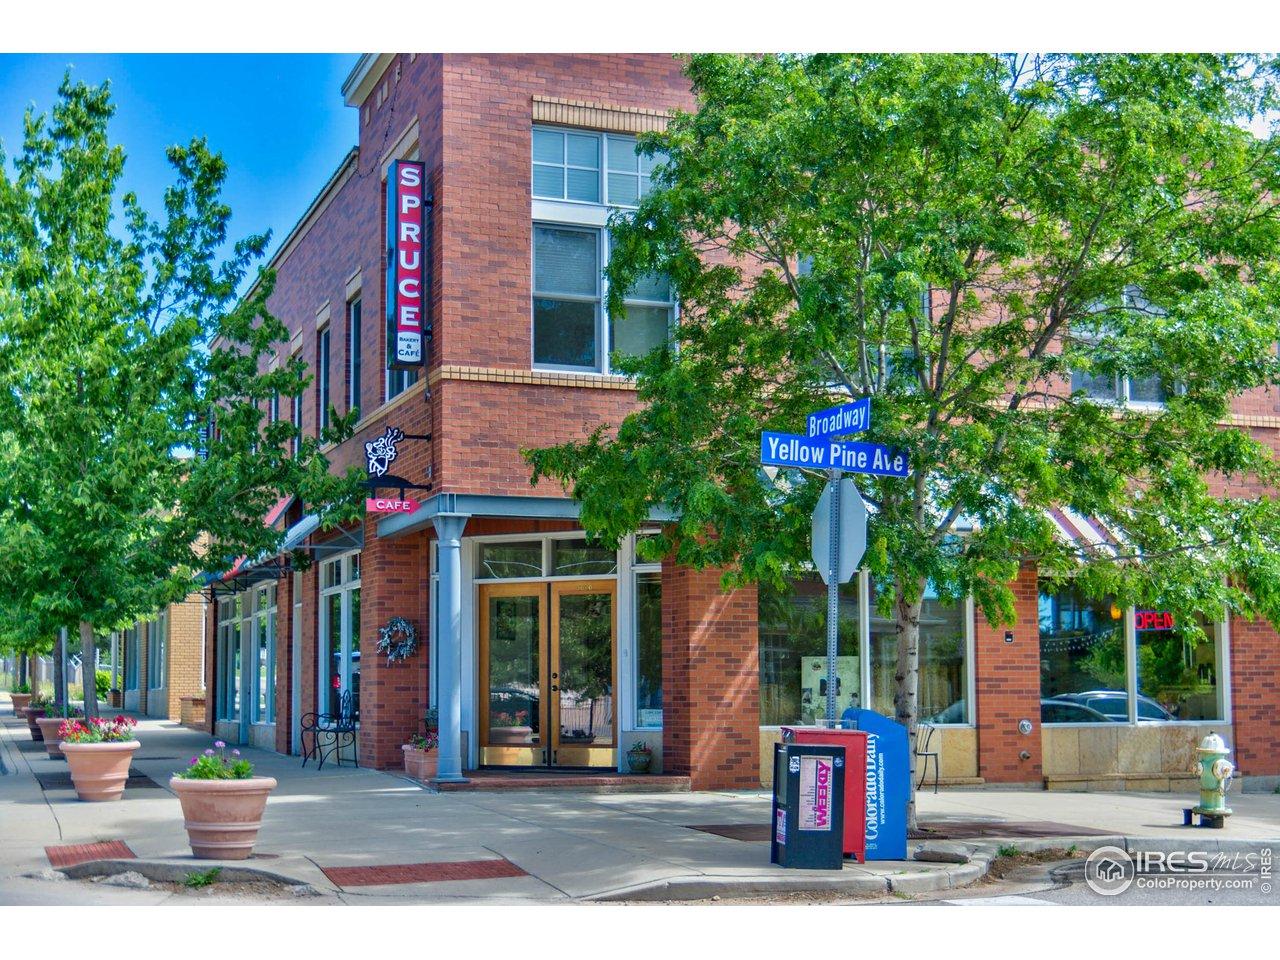 Neighborhood Cafes & Bakery